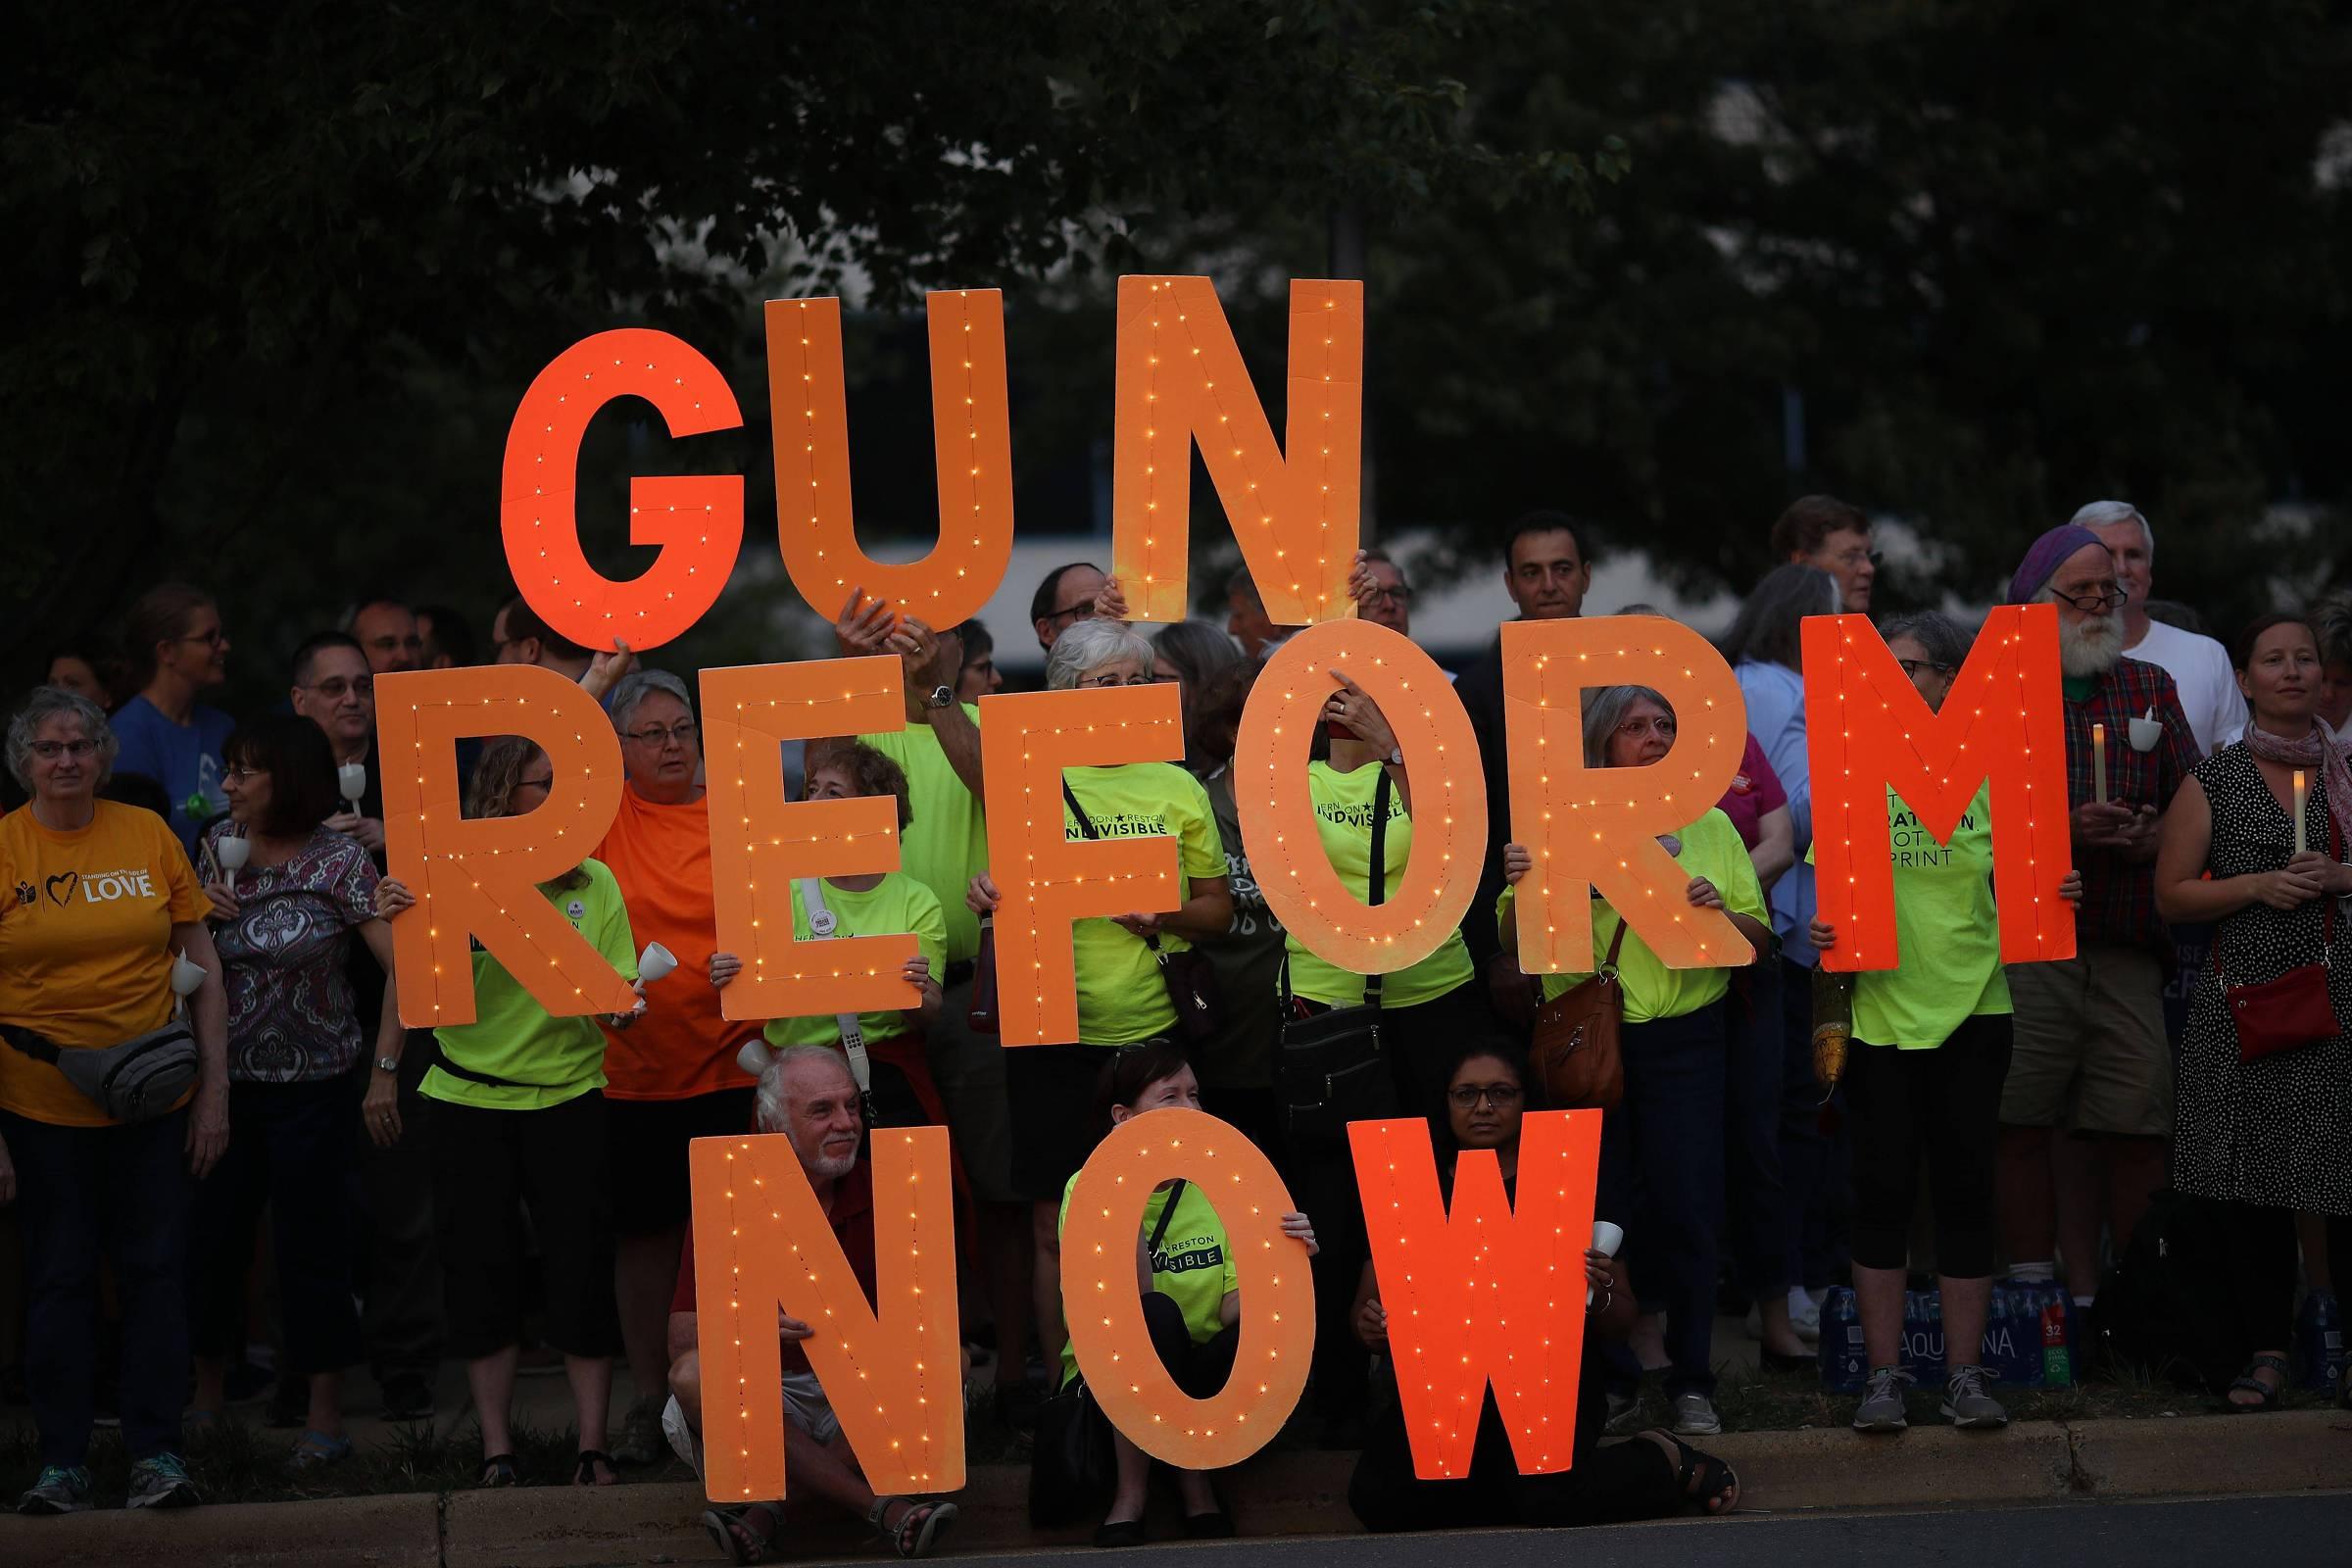 Principal lobby das armas nos EUA, Associação Nacional do Rifle decreta falência